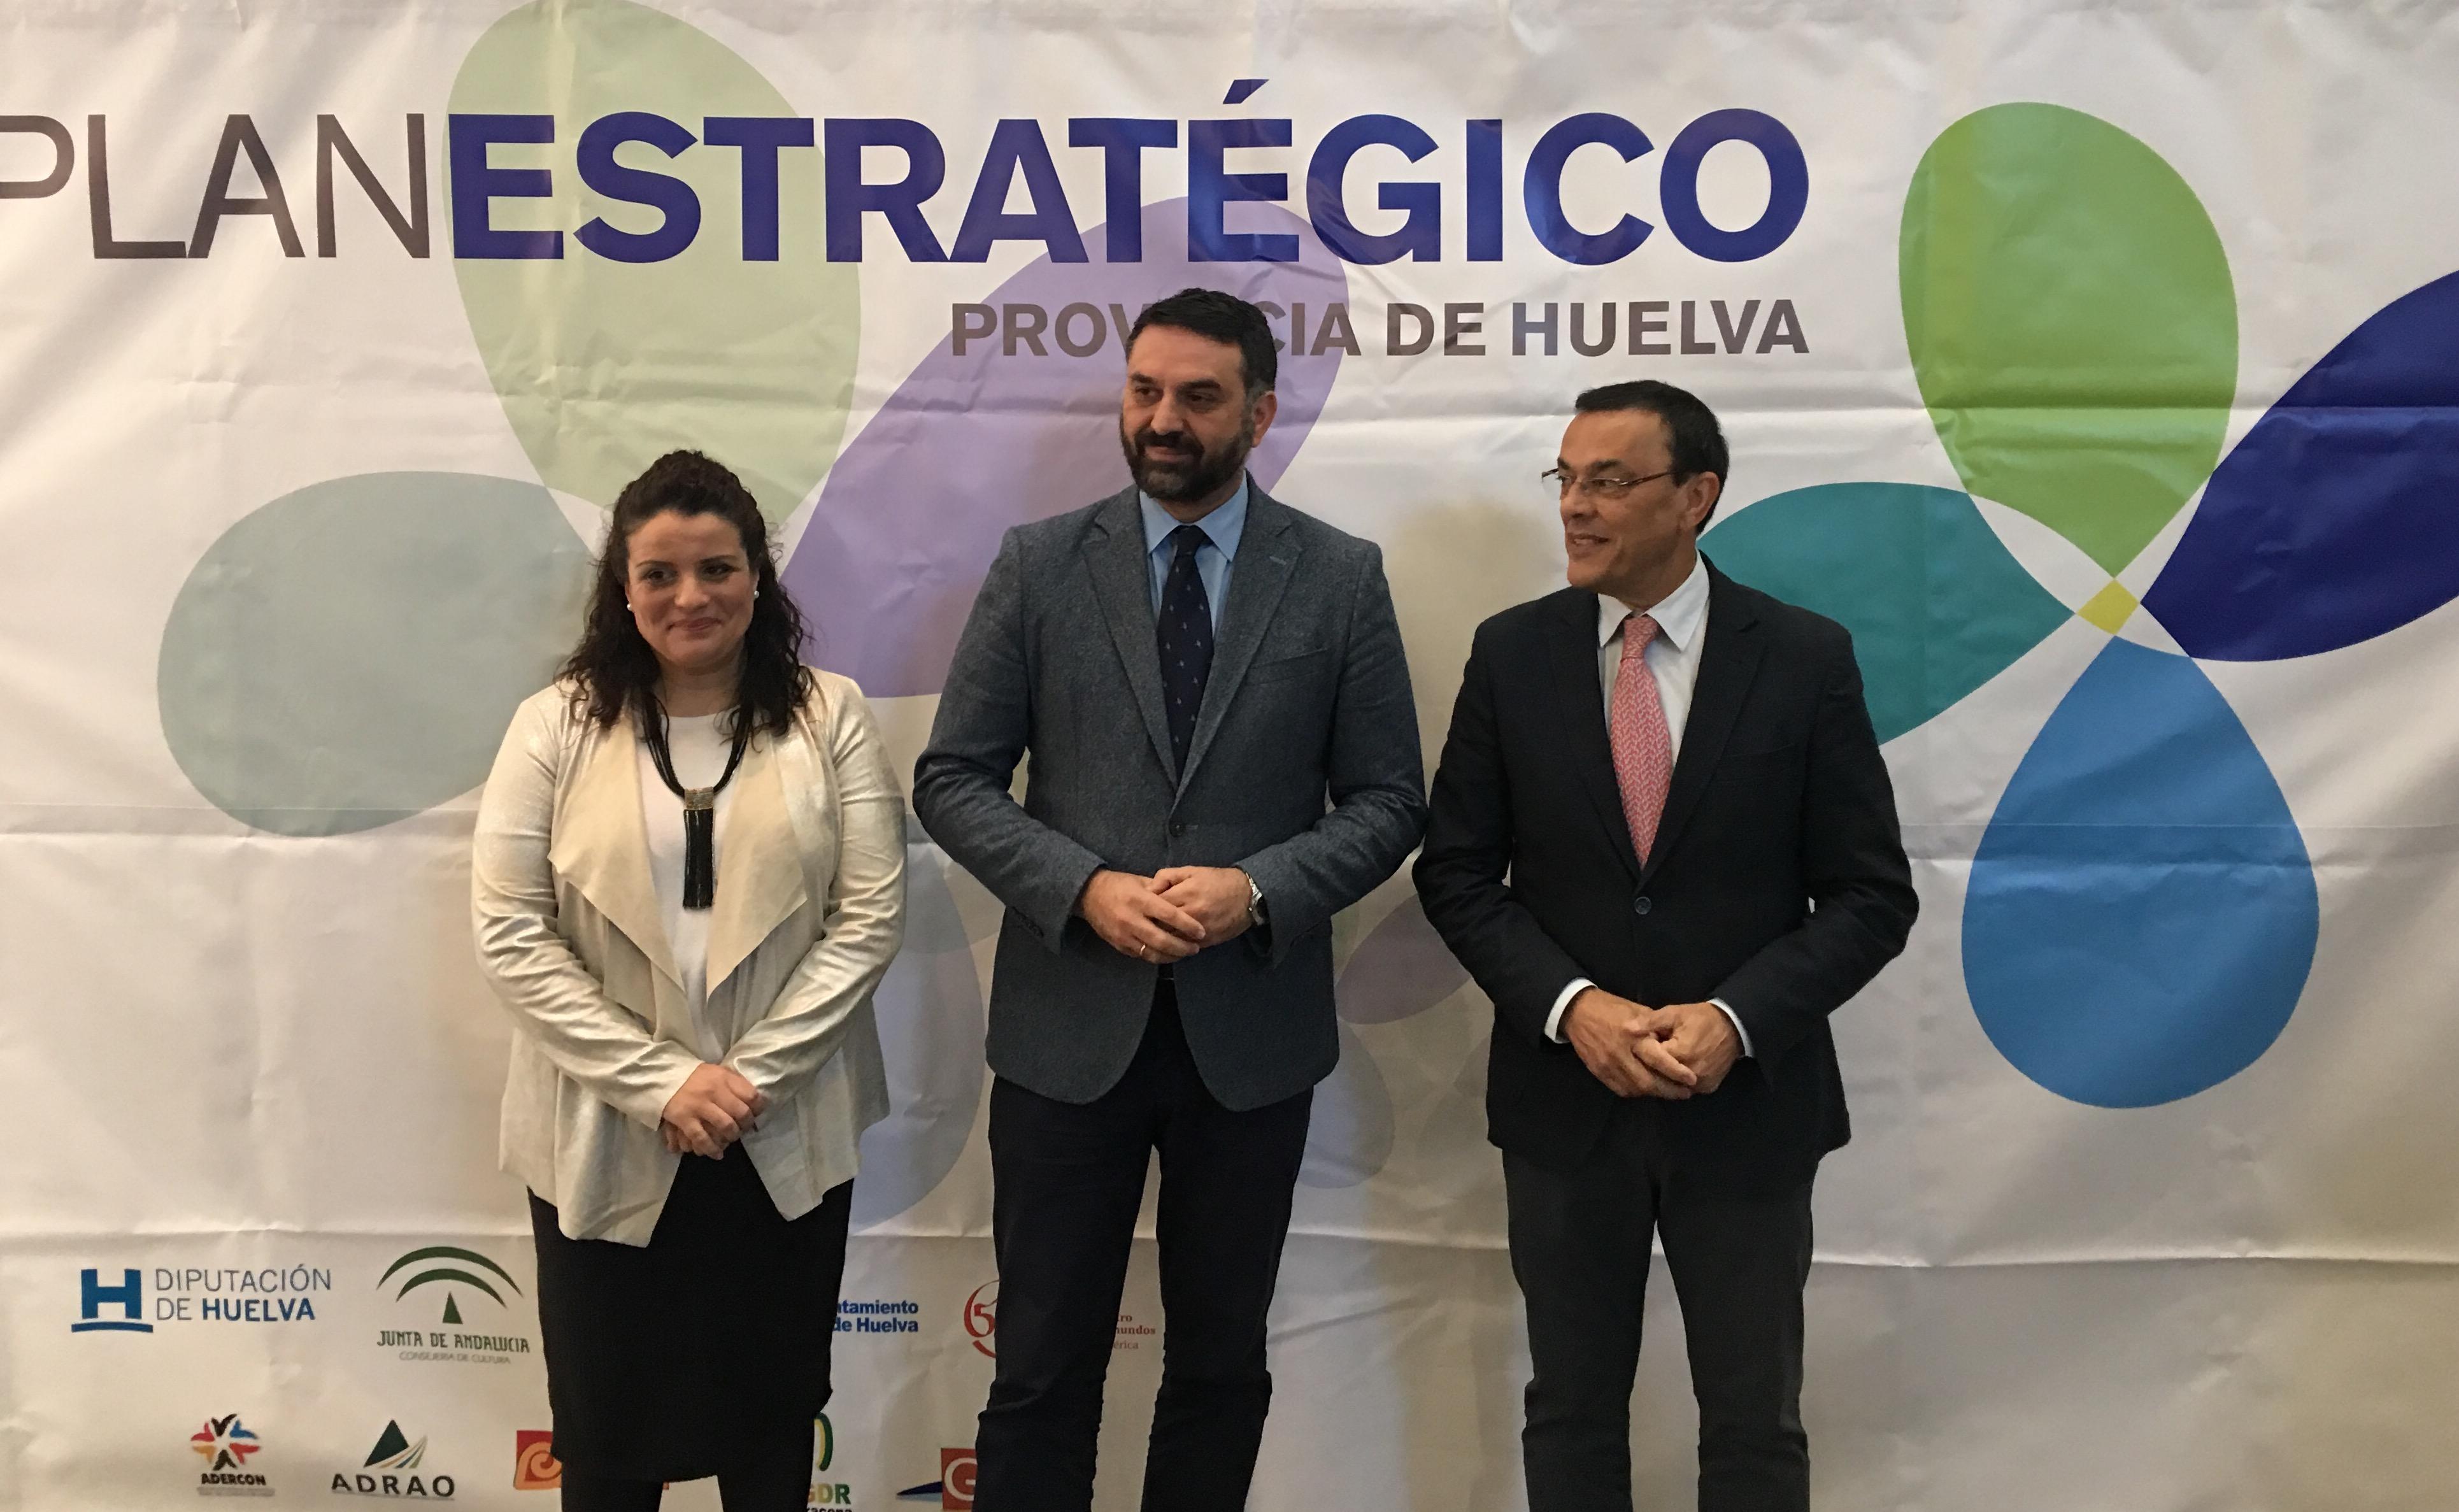 """Fernández señala la planificación y la ordenación de la oferta como """"claves de éxito de futuro"""" para el turismo de Huelva"""